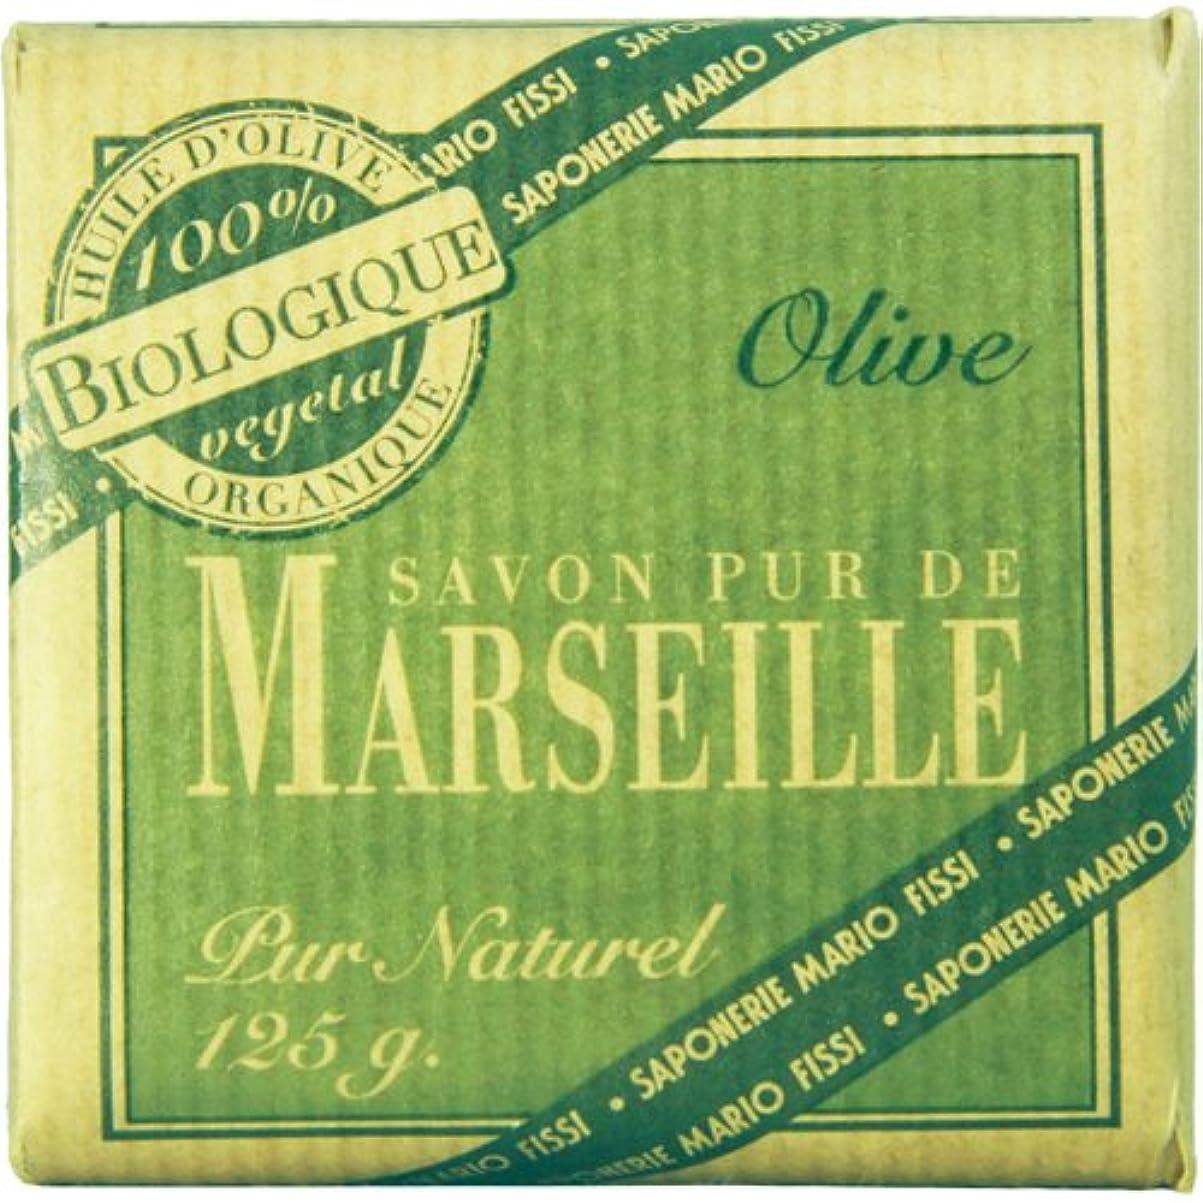 行政少し対応するSaponerire Fissi マルセイユシリーズ マルセイユソープ 125g Olive オリーブ